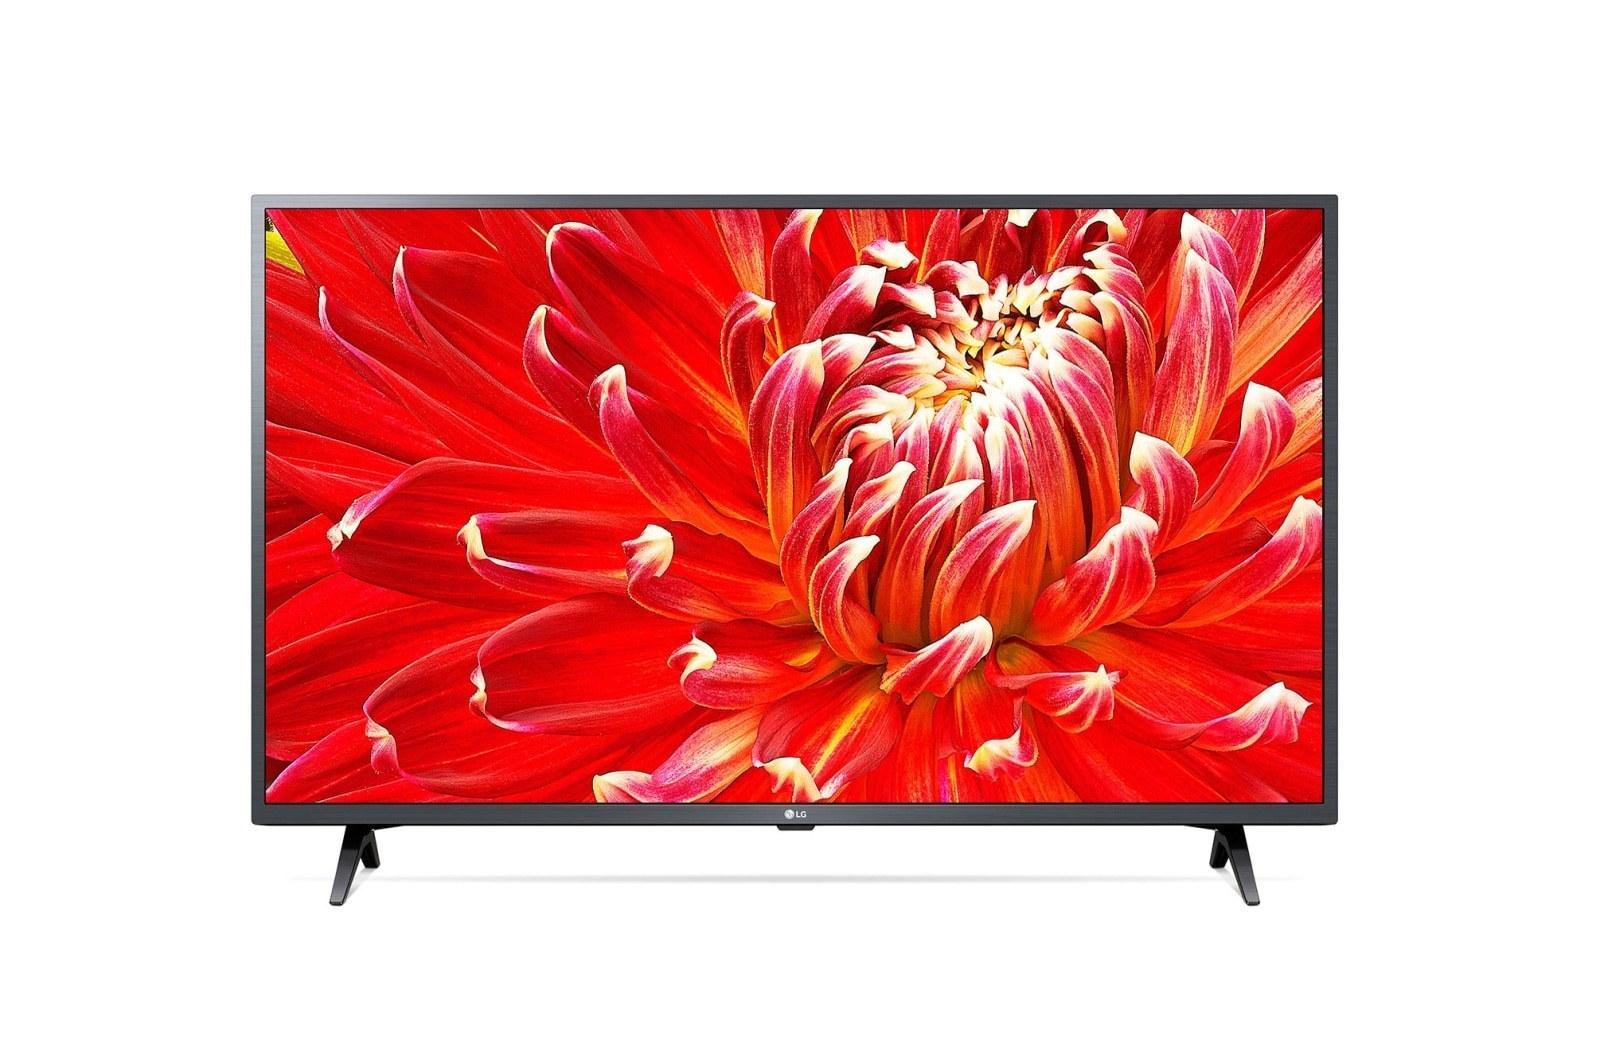 تصویر تلویزیون فول اچ دی اسمارت 43 اینچ ال جی مدل 43LM6300 ا LG Full HD SMART LED TV 43LM6300 LG Full HD SMART LED TV 43LM6300